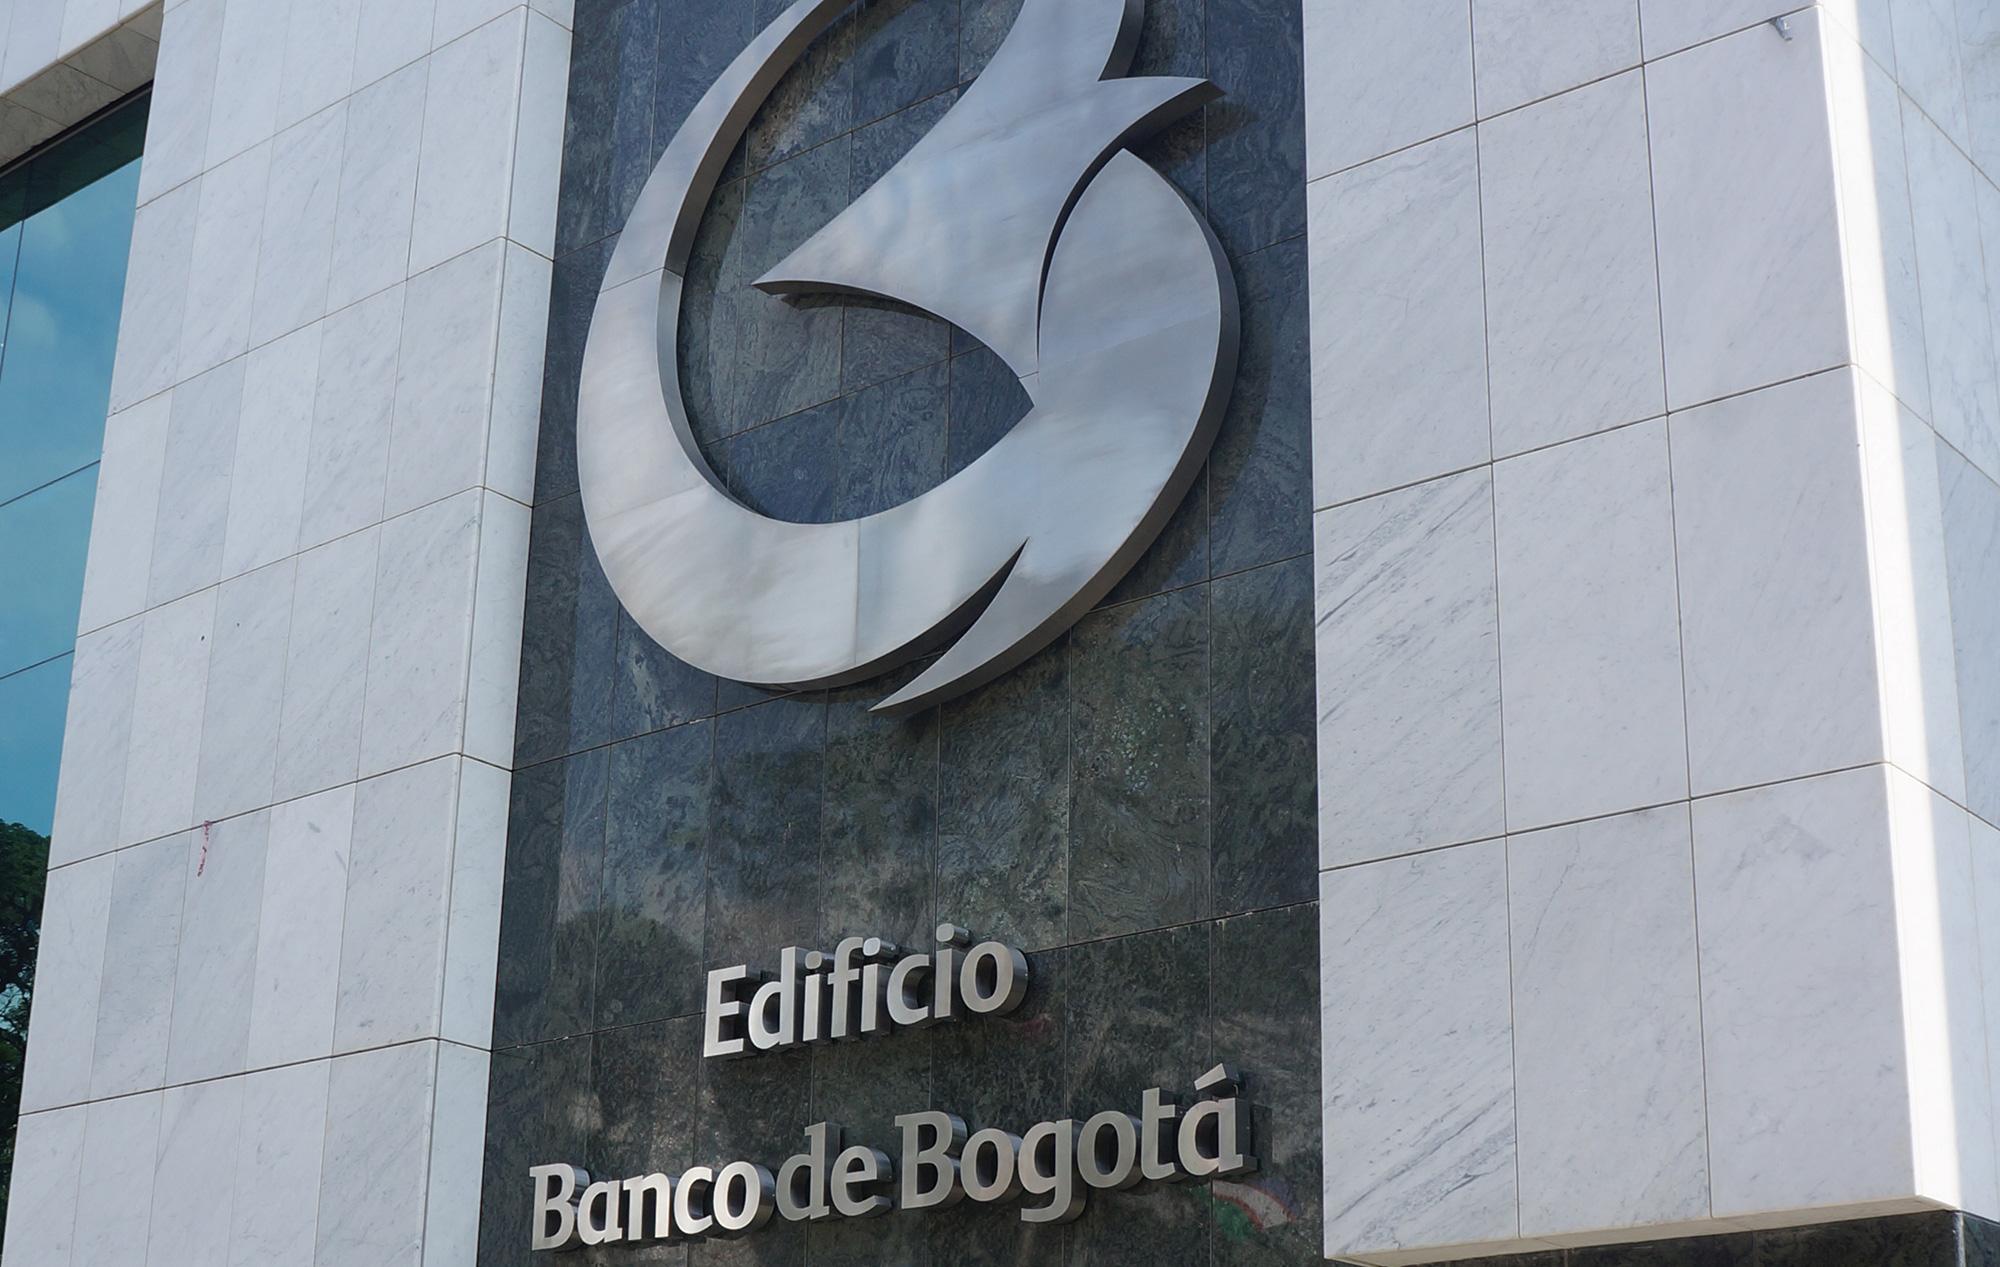 Avisos-Letras Individuales Banco de Bogota